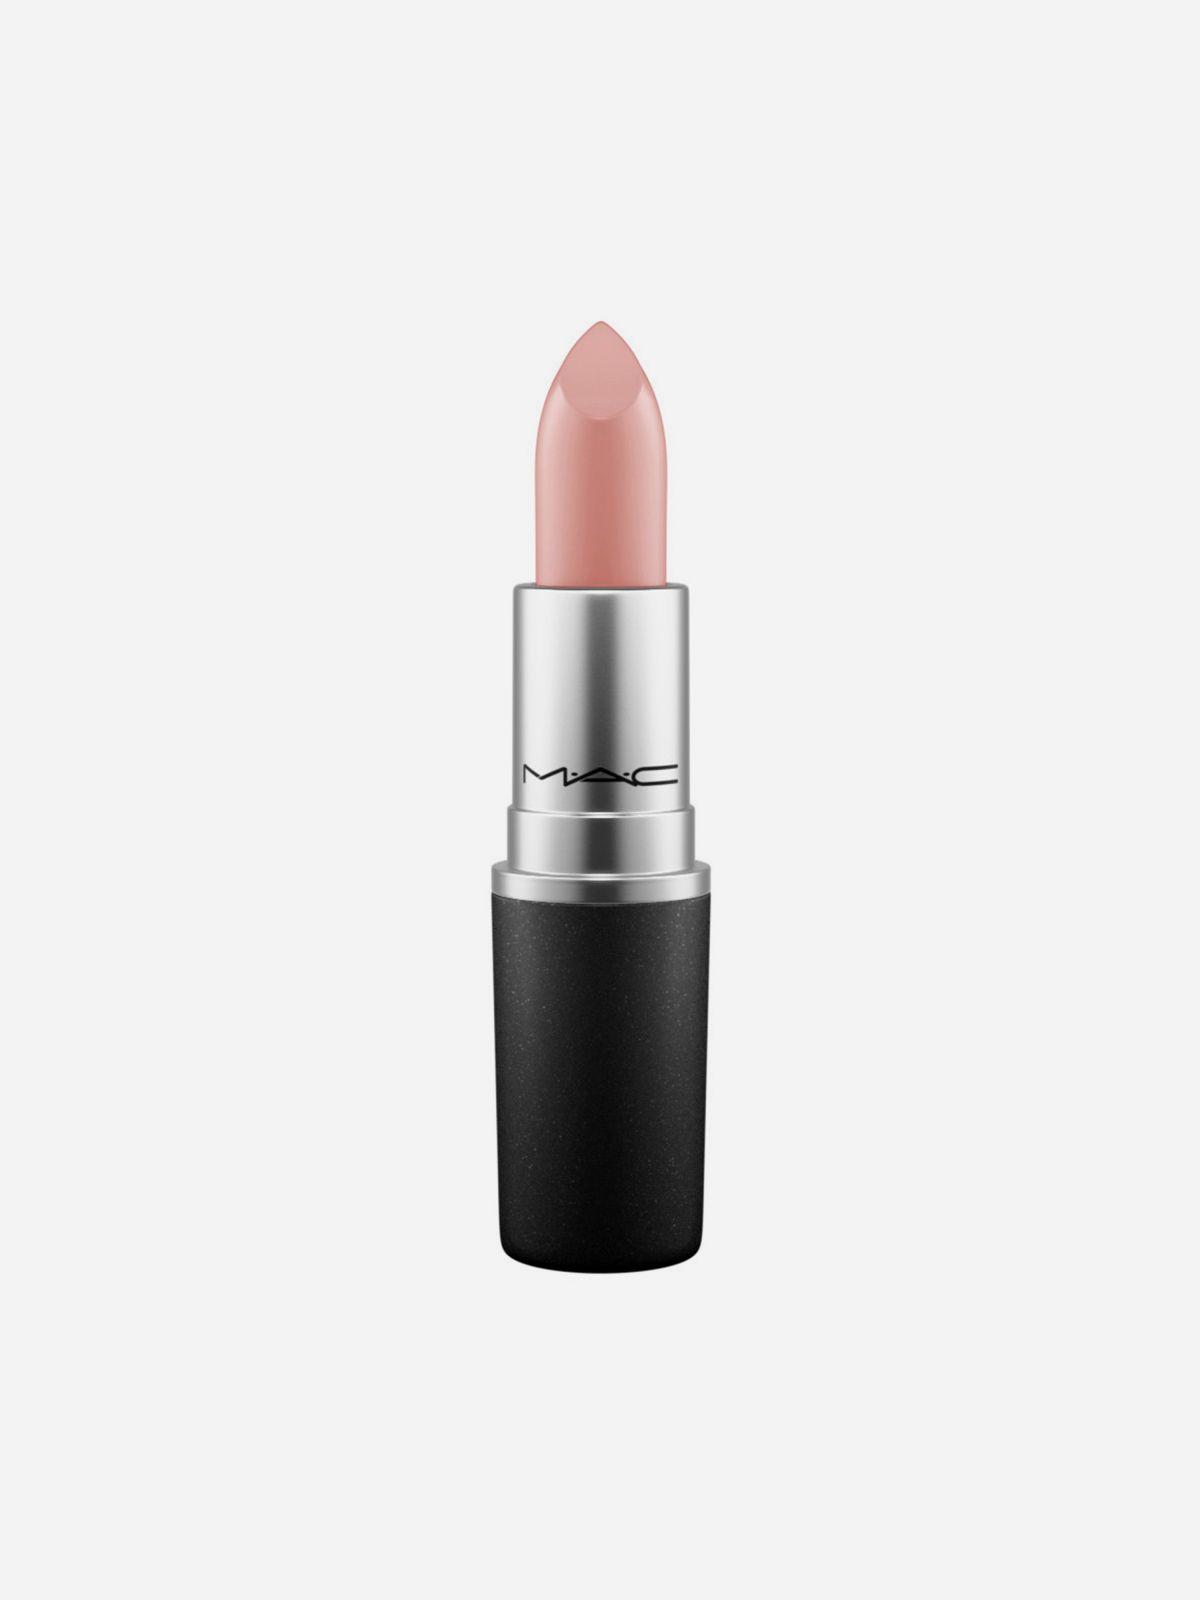 שפתון Amplified Lipstickשפתון Amplified Lipstick של MAC